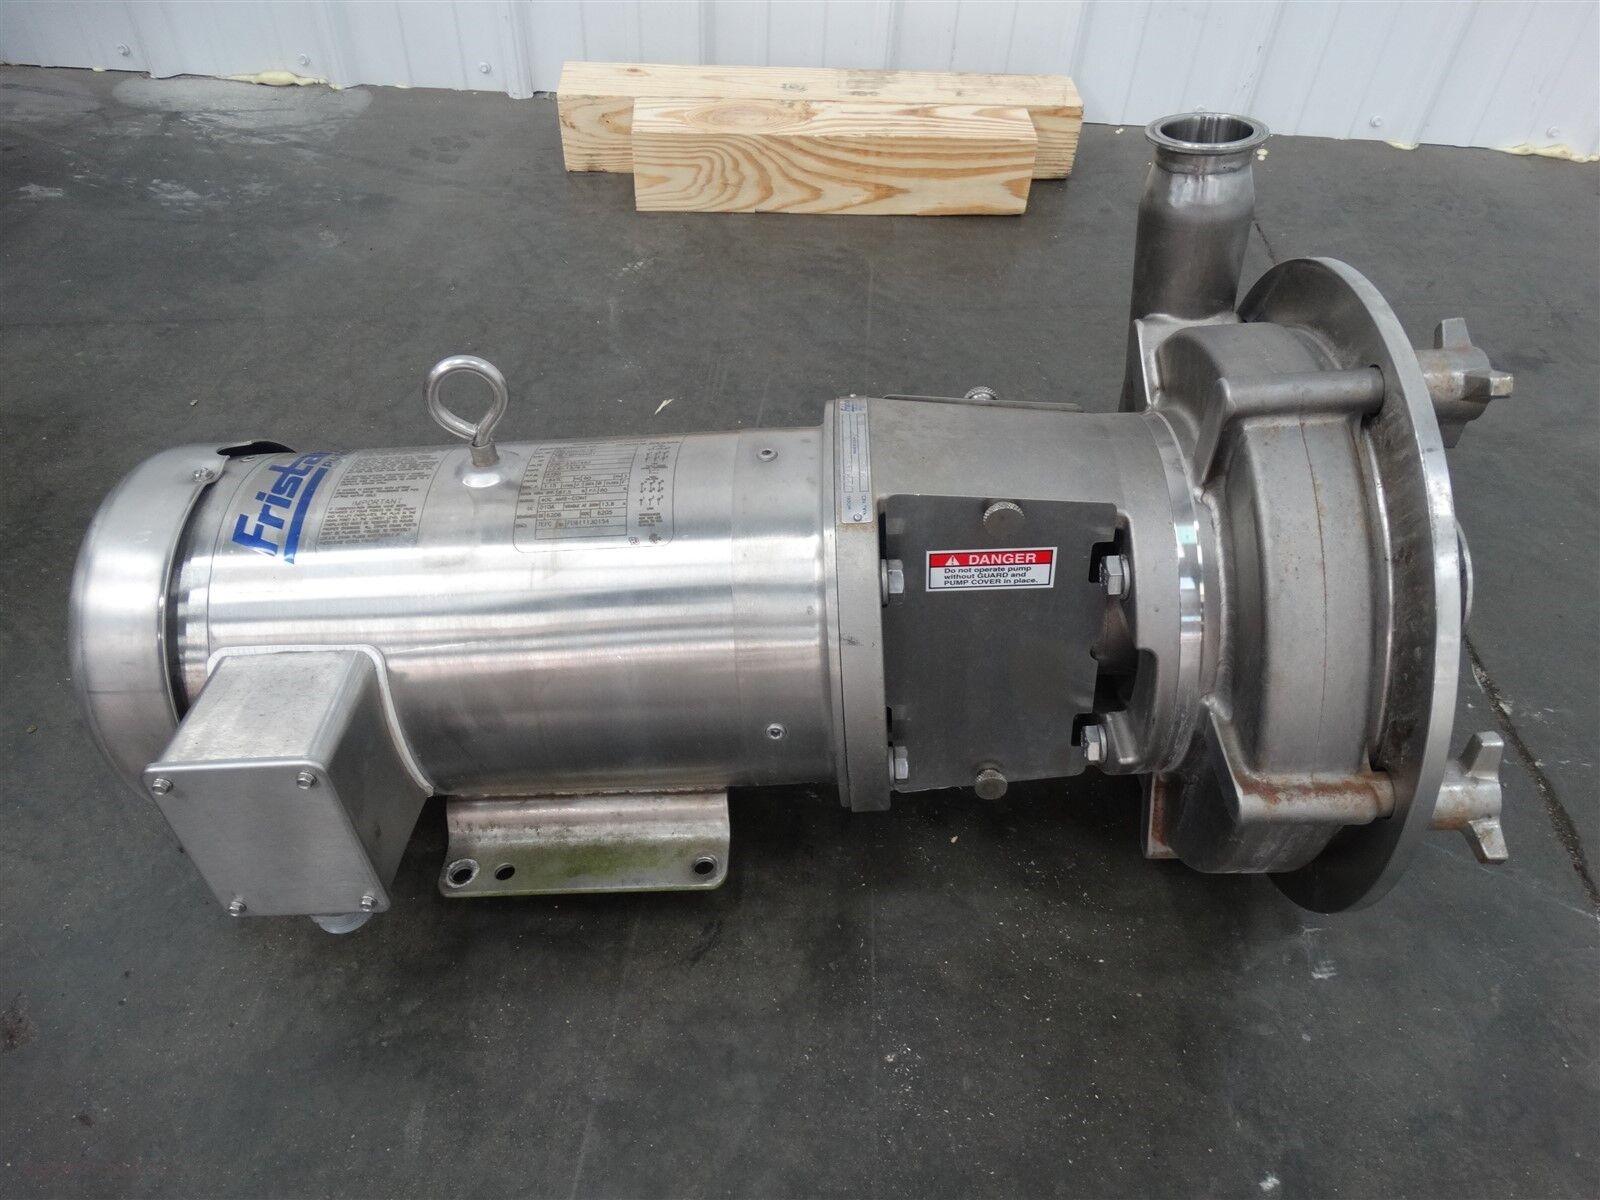 Fristam FPR3451-240 Centrifugal Pump 5HP, 3PH 208-230/460V, Fr: 184TC (D4316)